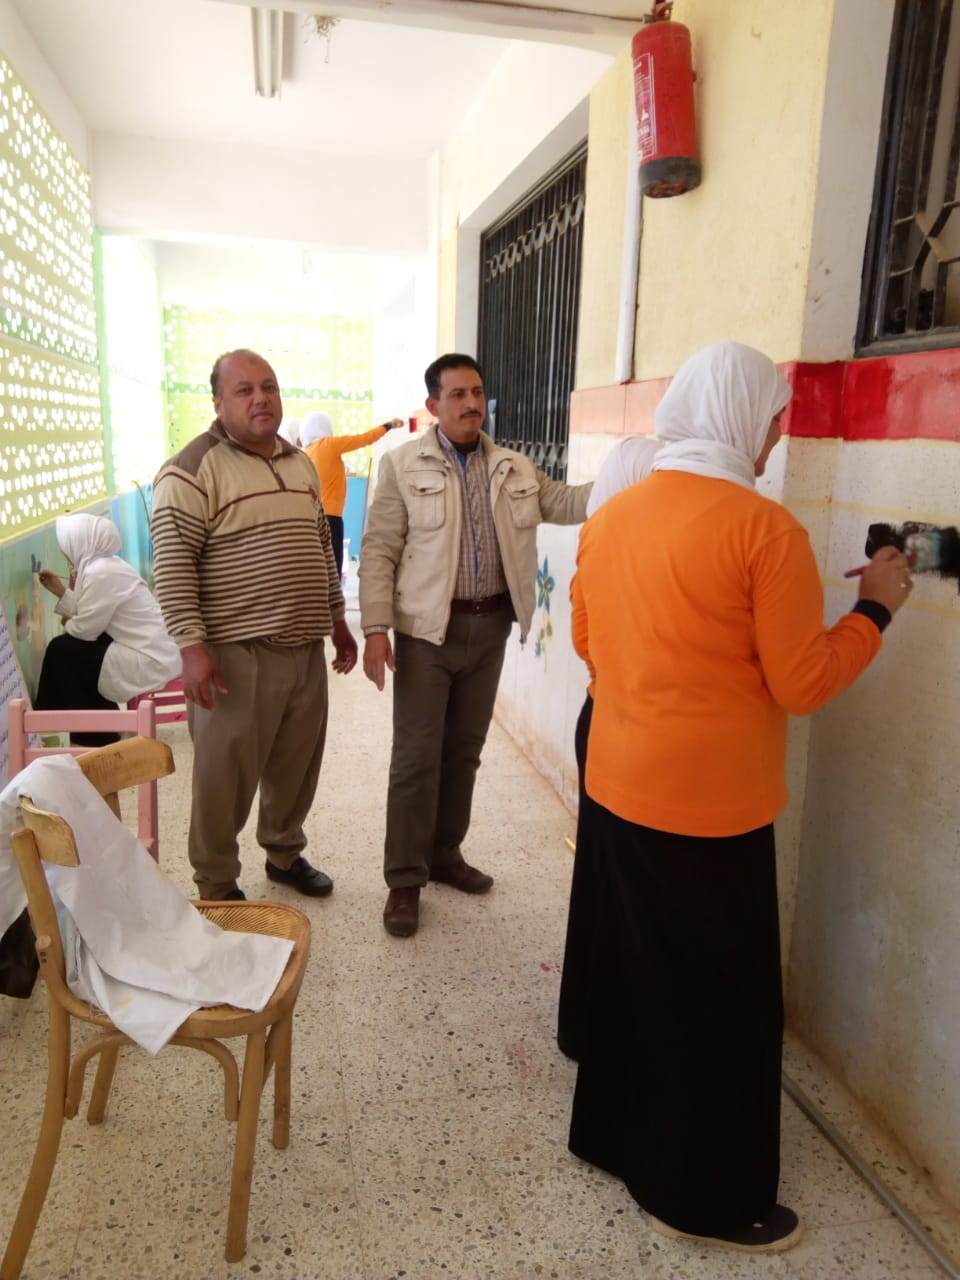 طالبات مدرسة موط الفنية ينفذن مبادرة تجميل أسوار المدارس بلوحات جدارية (11)